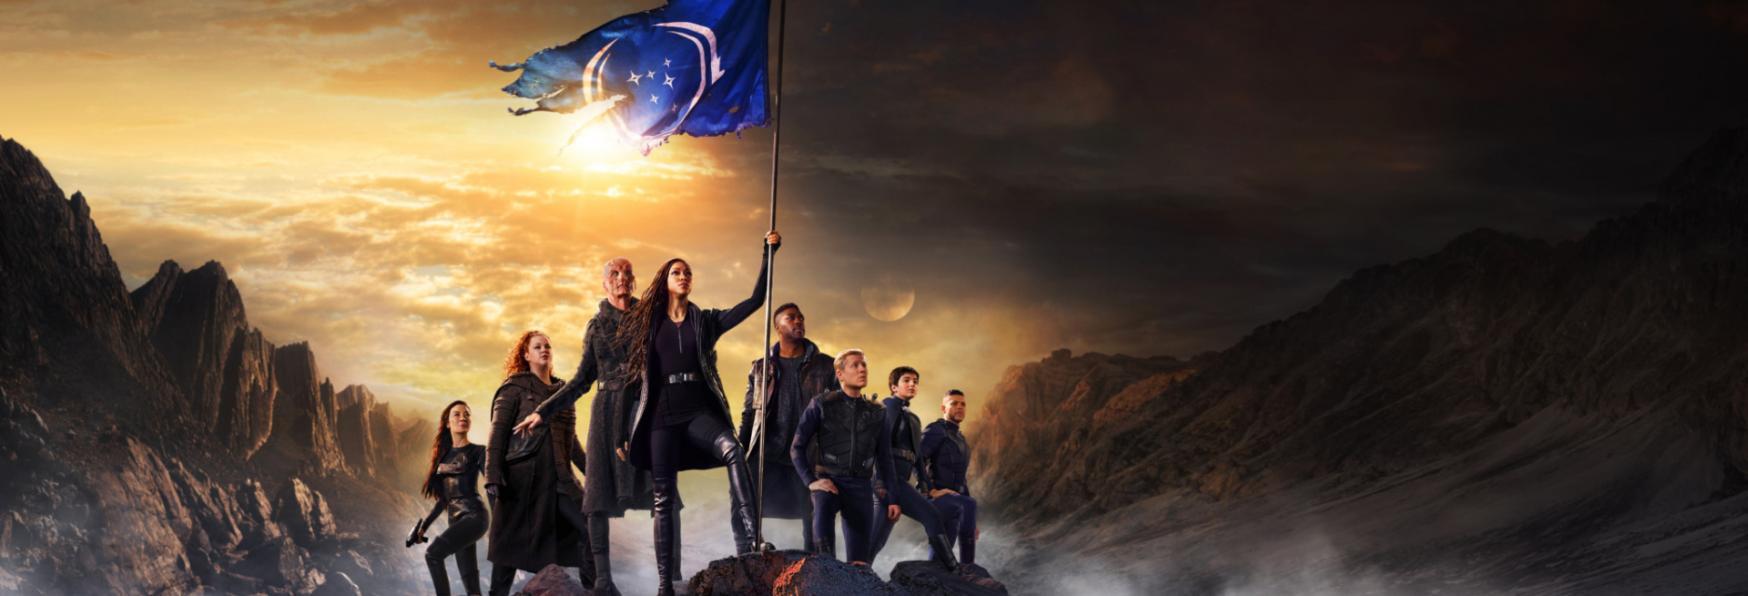 Star Trek: Discovery 4 - ecco Quando la nuova Stagione arriverà su Netflix